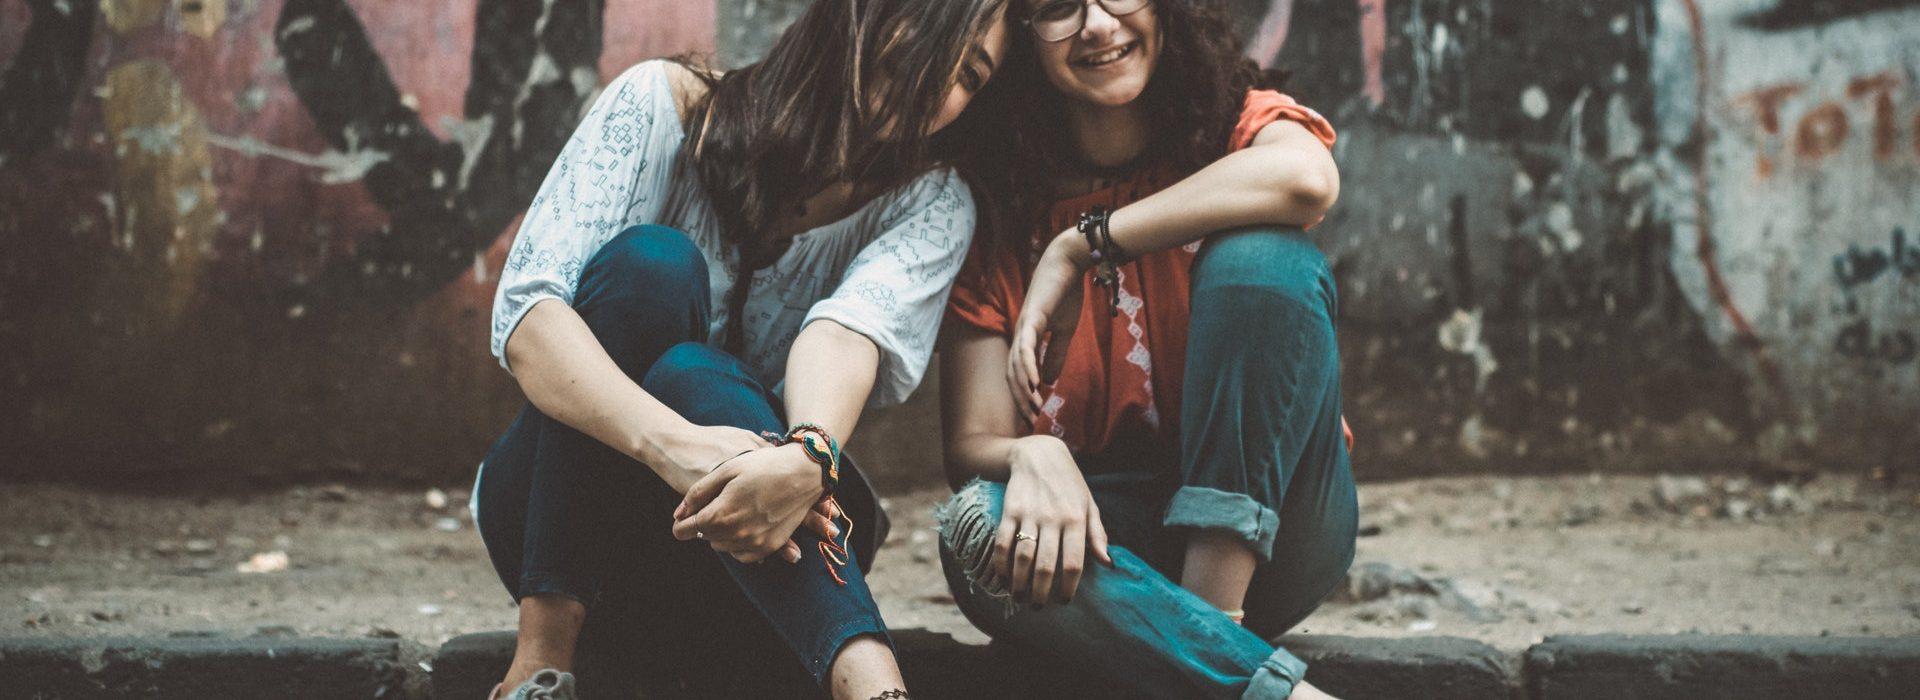 Zwei Frauen sitzen in einer Urban Kulisse vor Graffiti